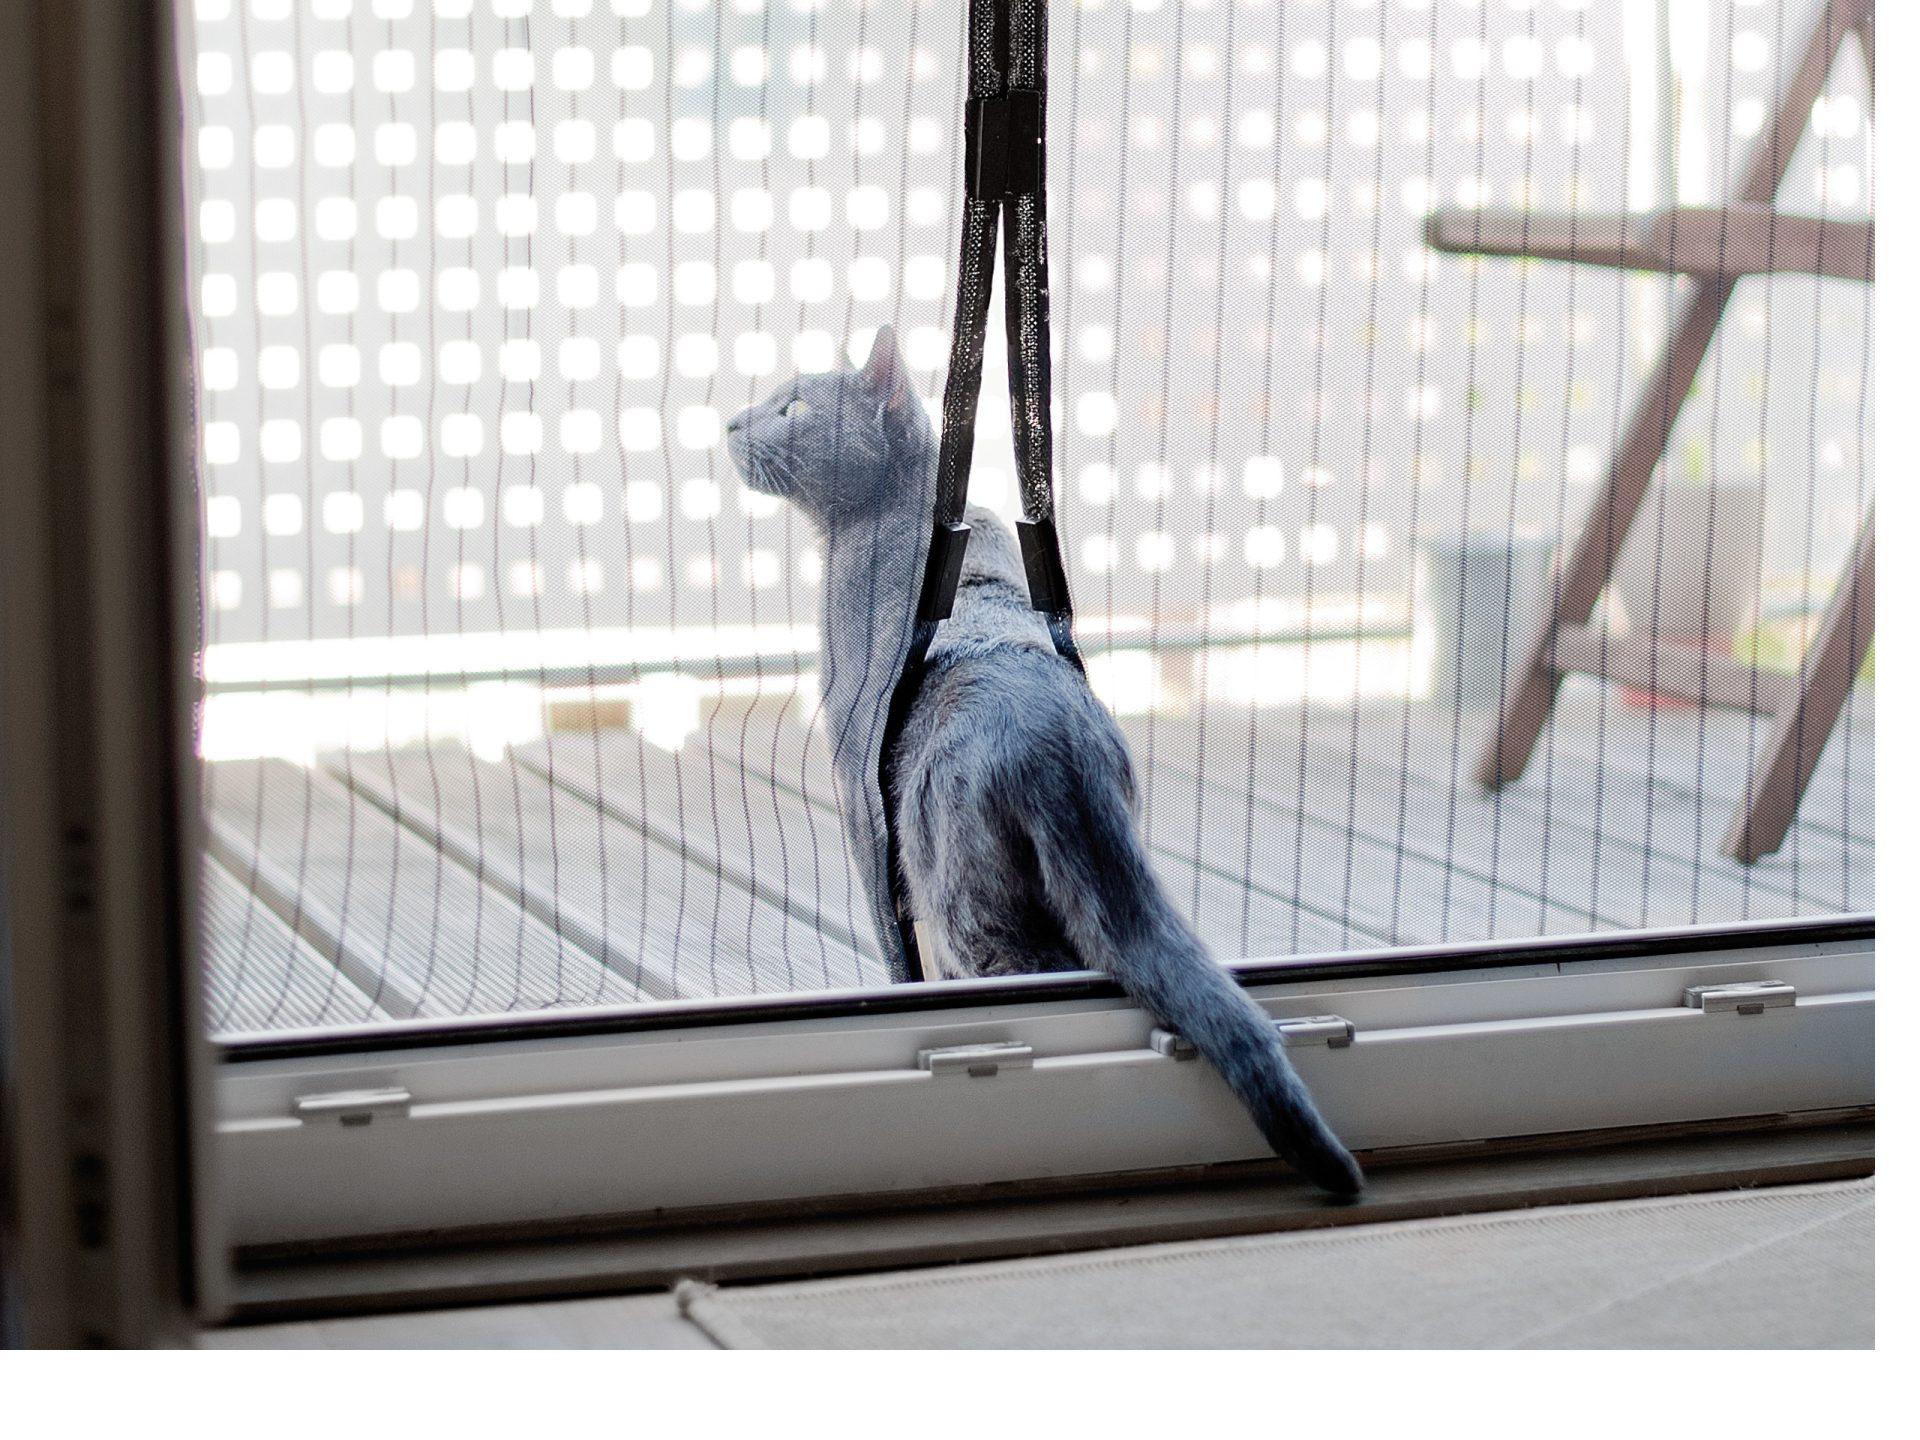 Um die unerwünschten Eindringlinge effektiv und dauerhaft auszusperren, müssen Fenster und Türen nicht ständig geschlossen bleiben.Foto: Pearl/TRD Haus und Garten